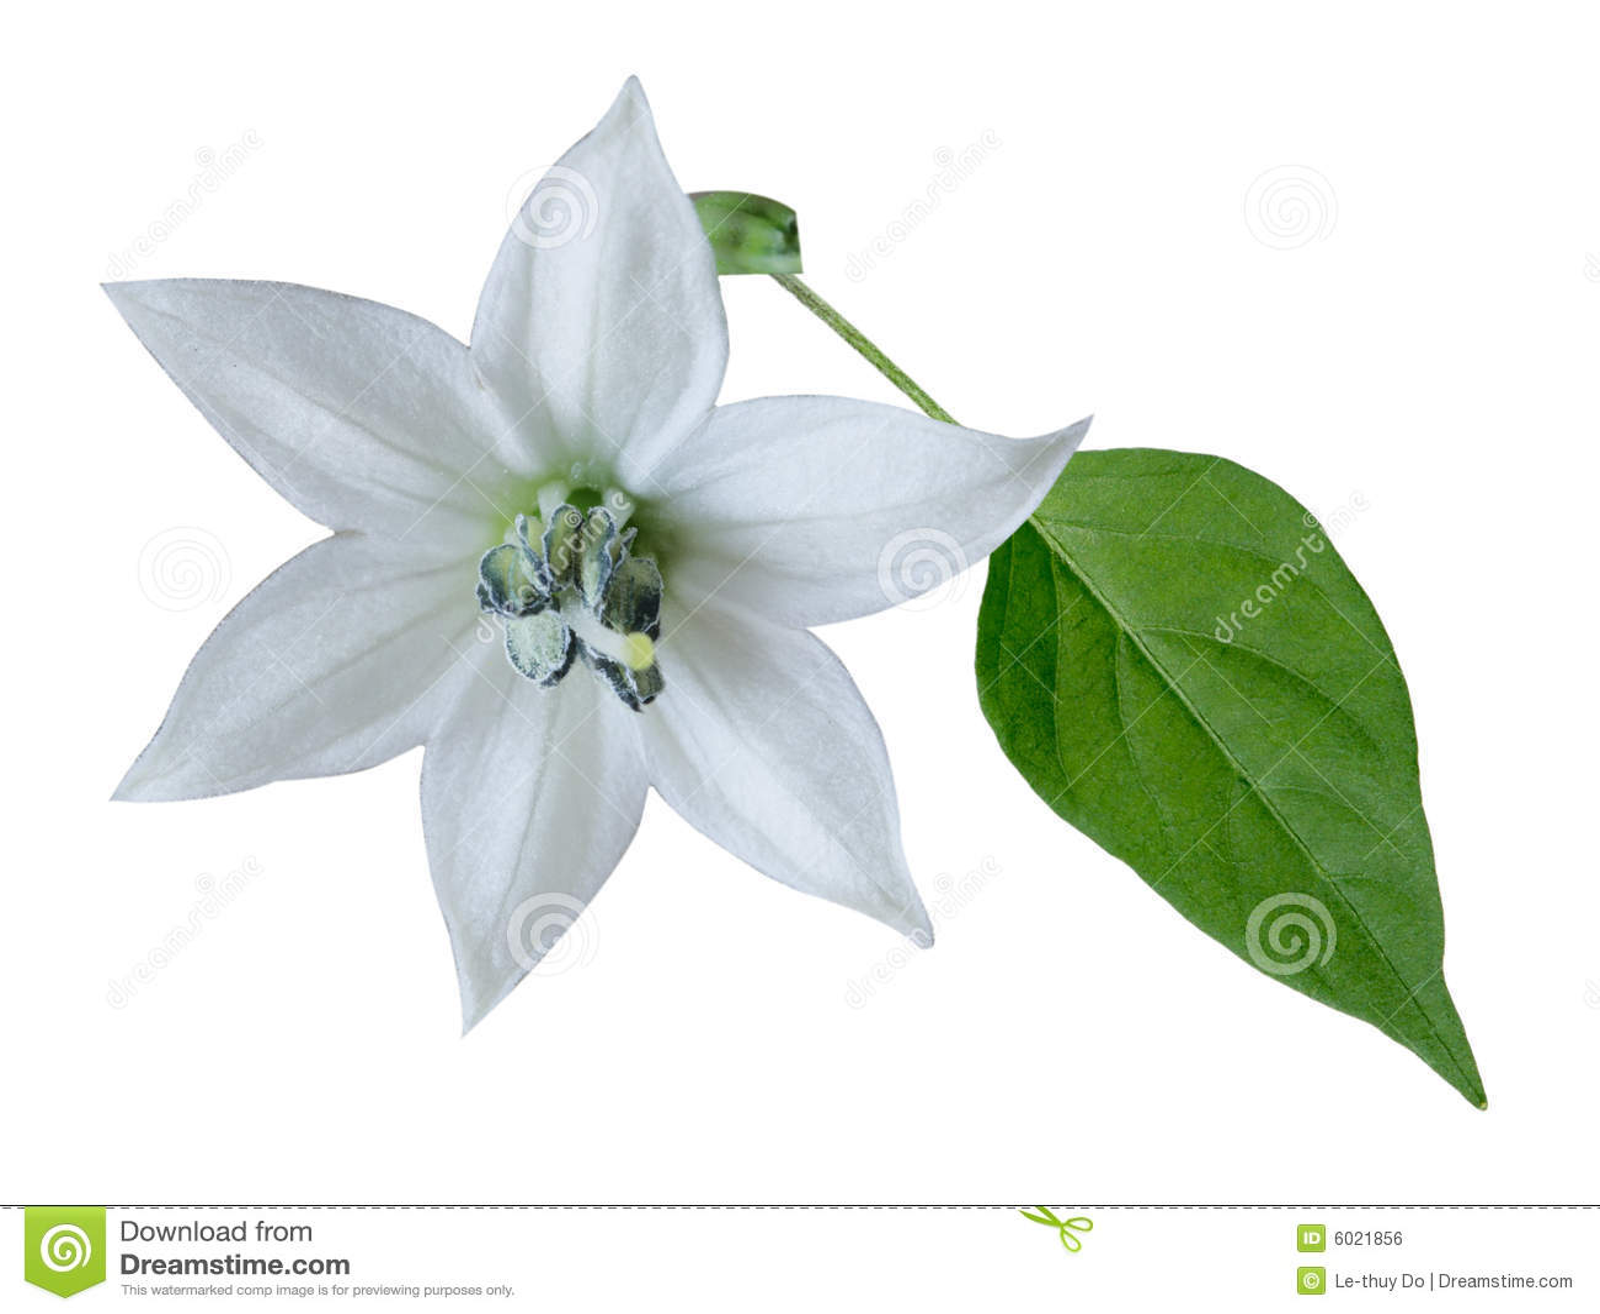 hoja y flor: